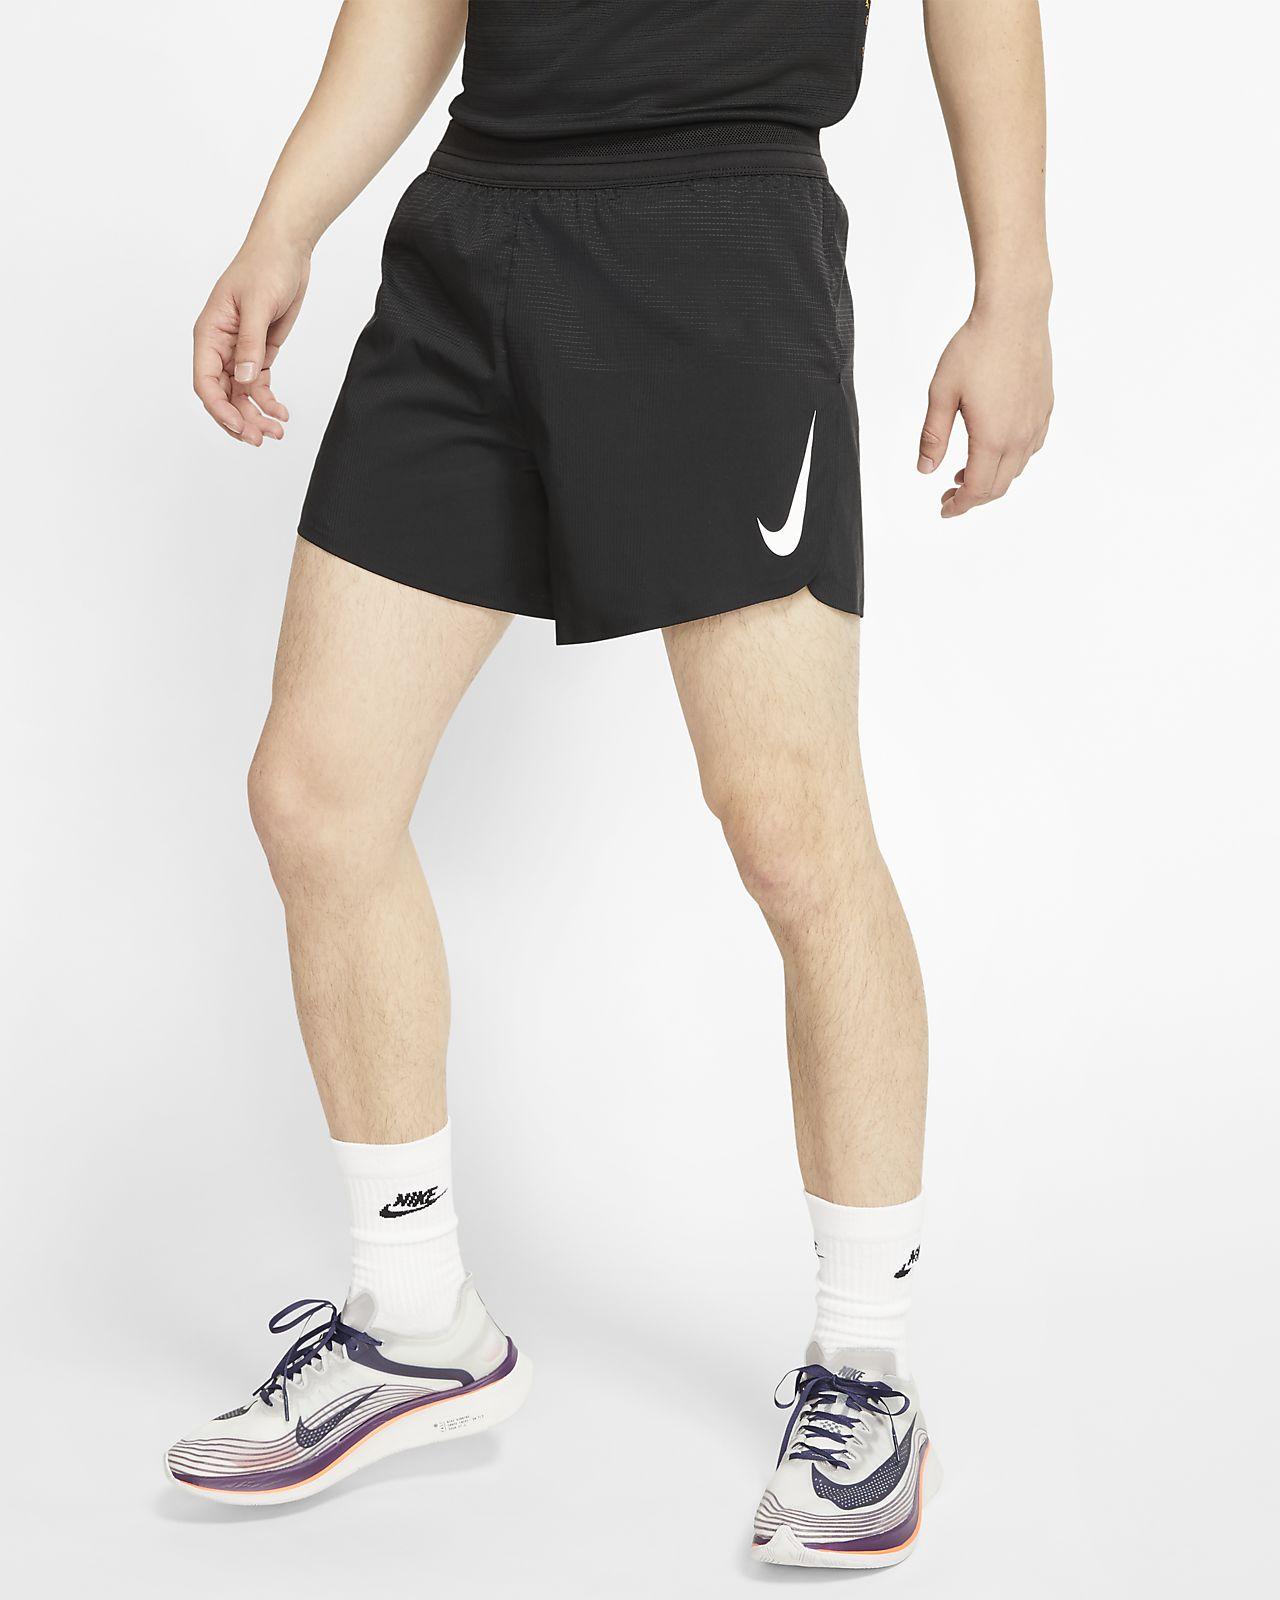 Nike AeroSwift Herren Laufshorts (ca. 13 cm)